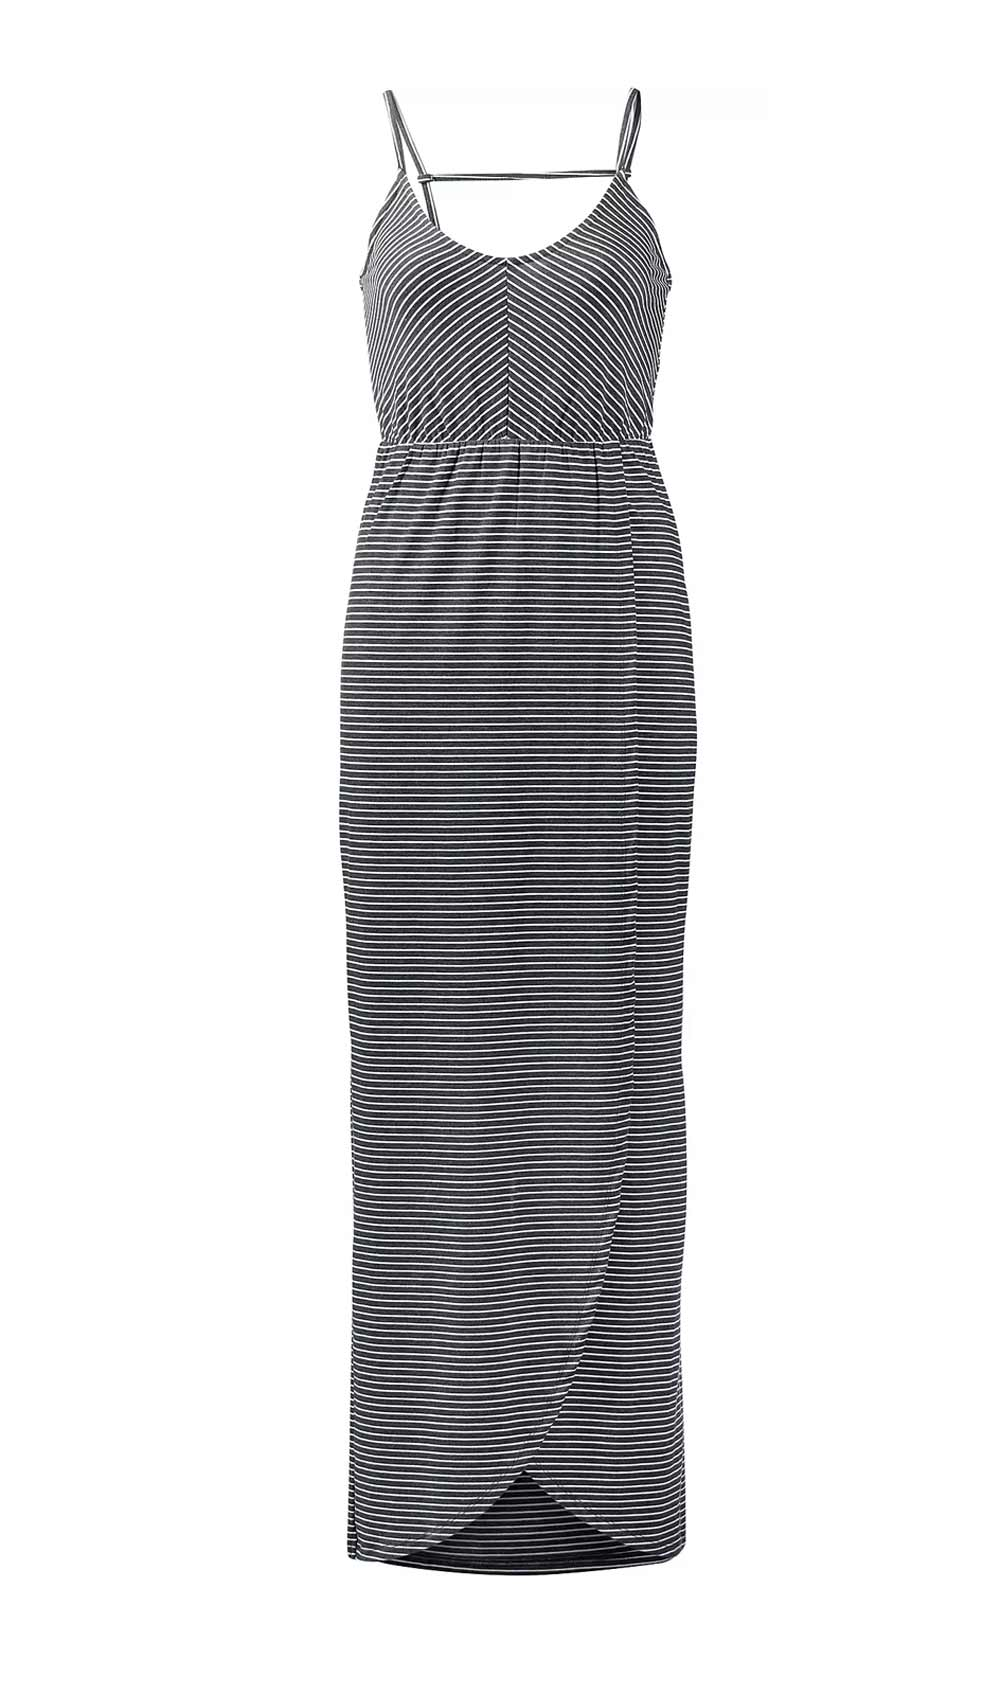 516.254 SUPERDRY Damen Marken-Shirtkleid Grau-Weiß